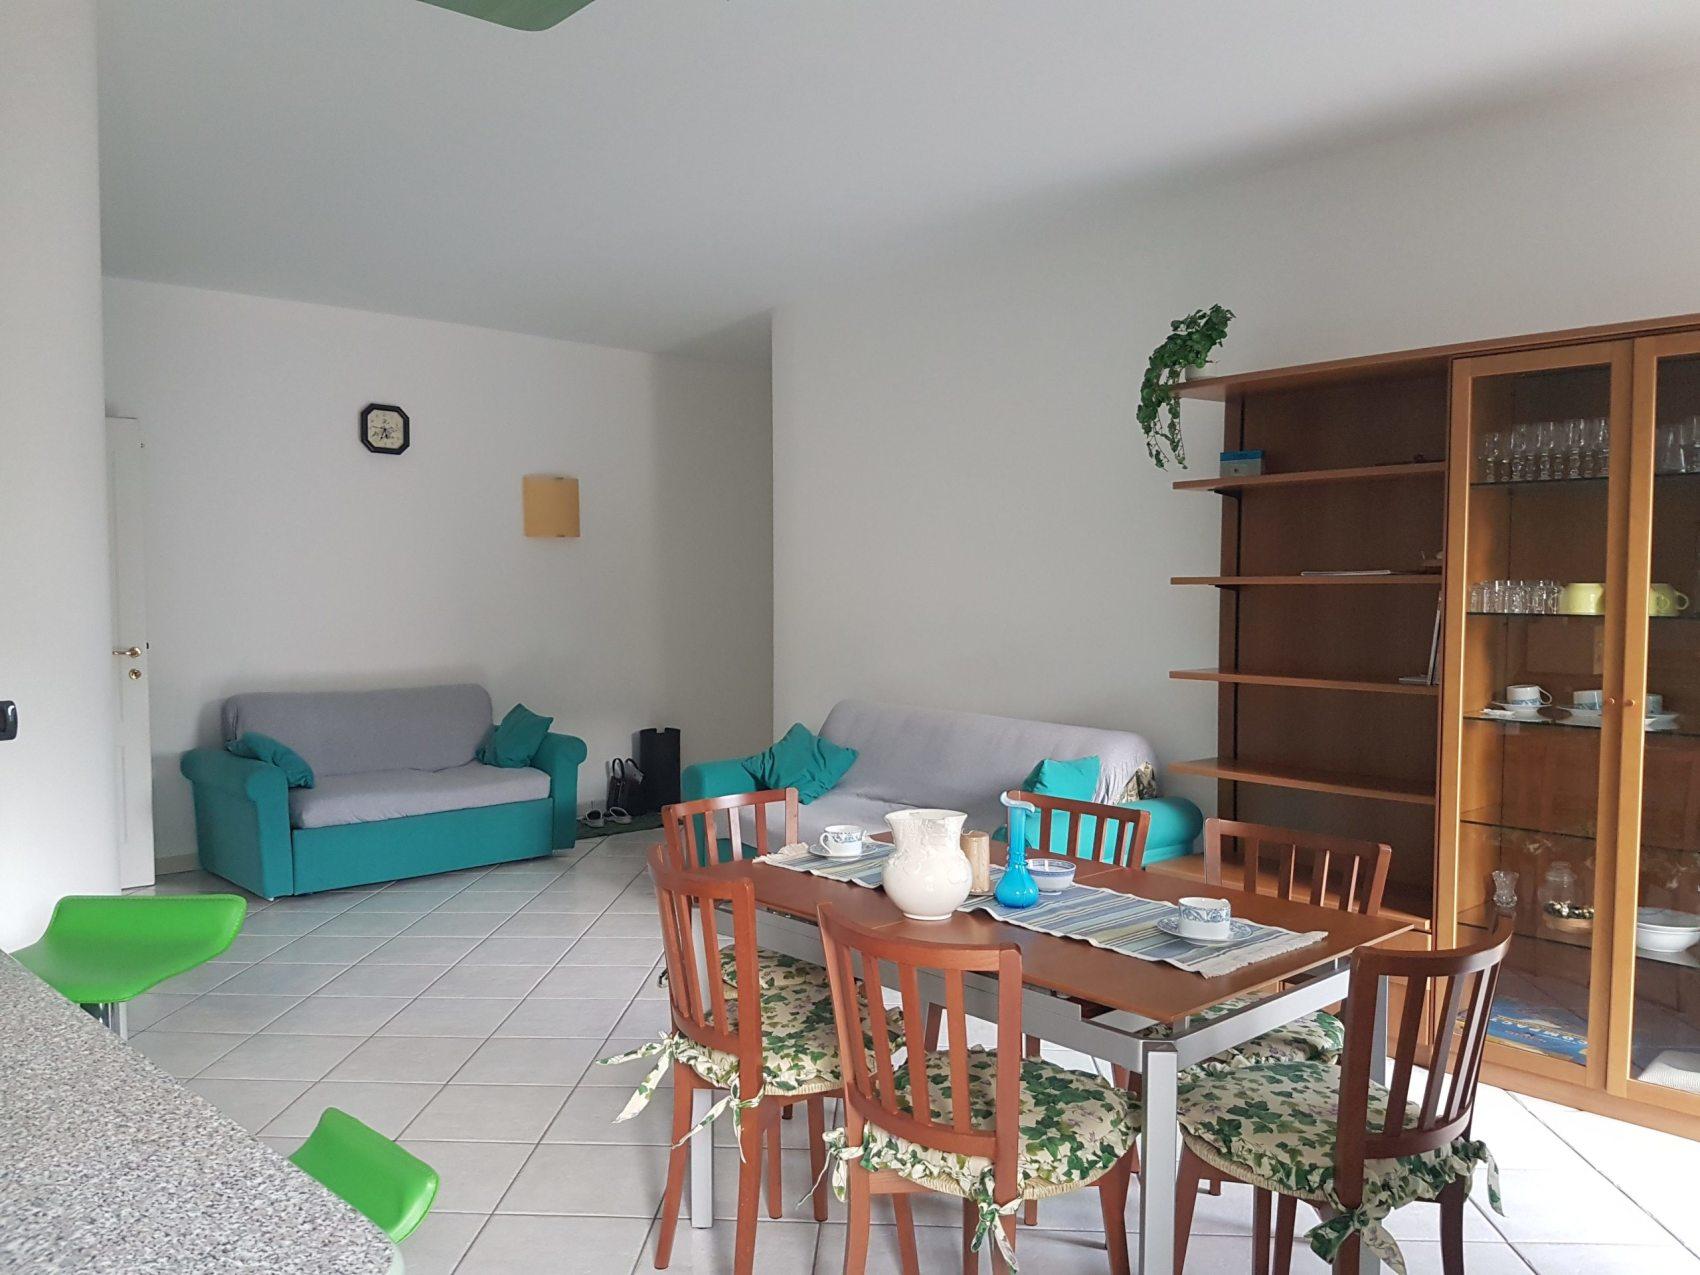 Appartamento trilocale zona ponente Cod.Citra: 009001-LT-0518